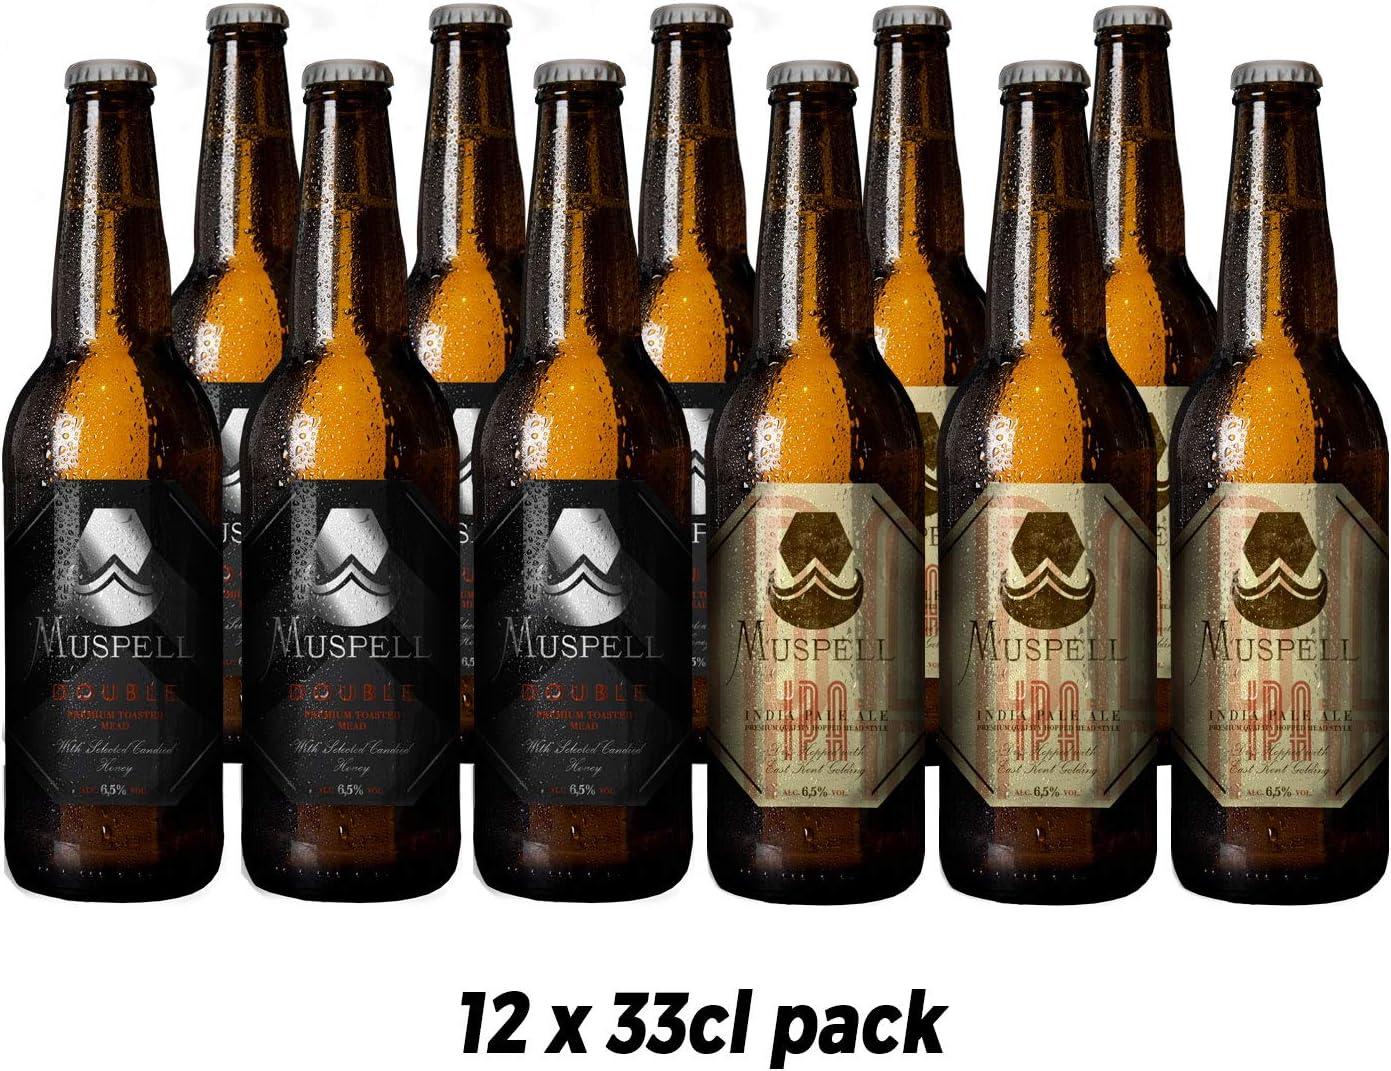 Muspell Hidromiel pack MIXTO DOUBLE/IPA de 12 x 33 cl. 3 Muspell Double + 3 Muspell IPA - bebida sin gluten fermentada con miel: Amazon.es: Alimentación y bebidas